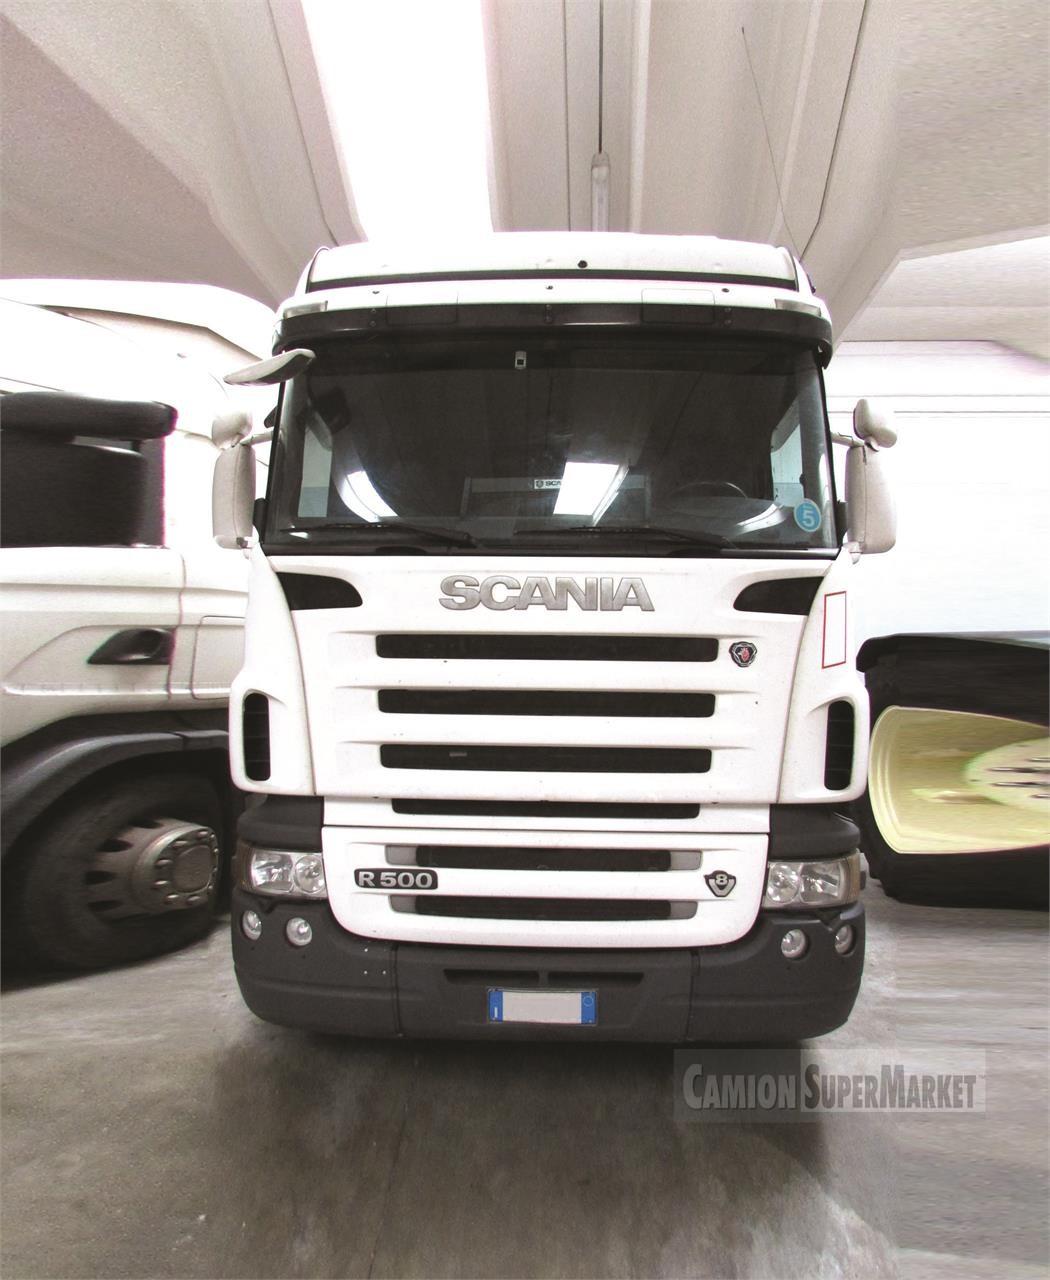 Scania R500